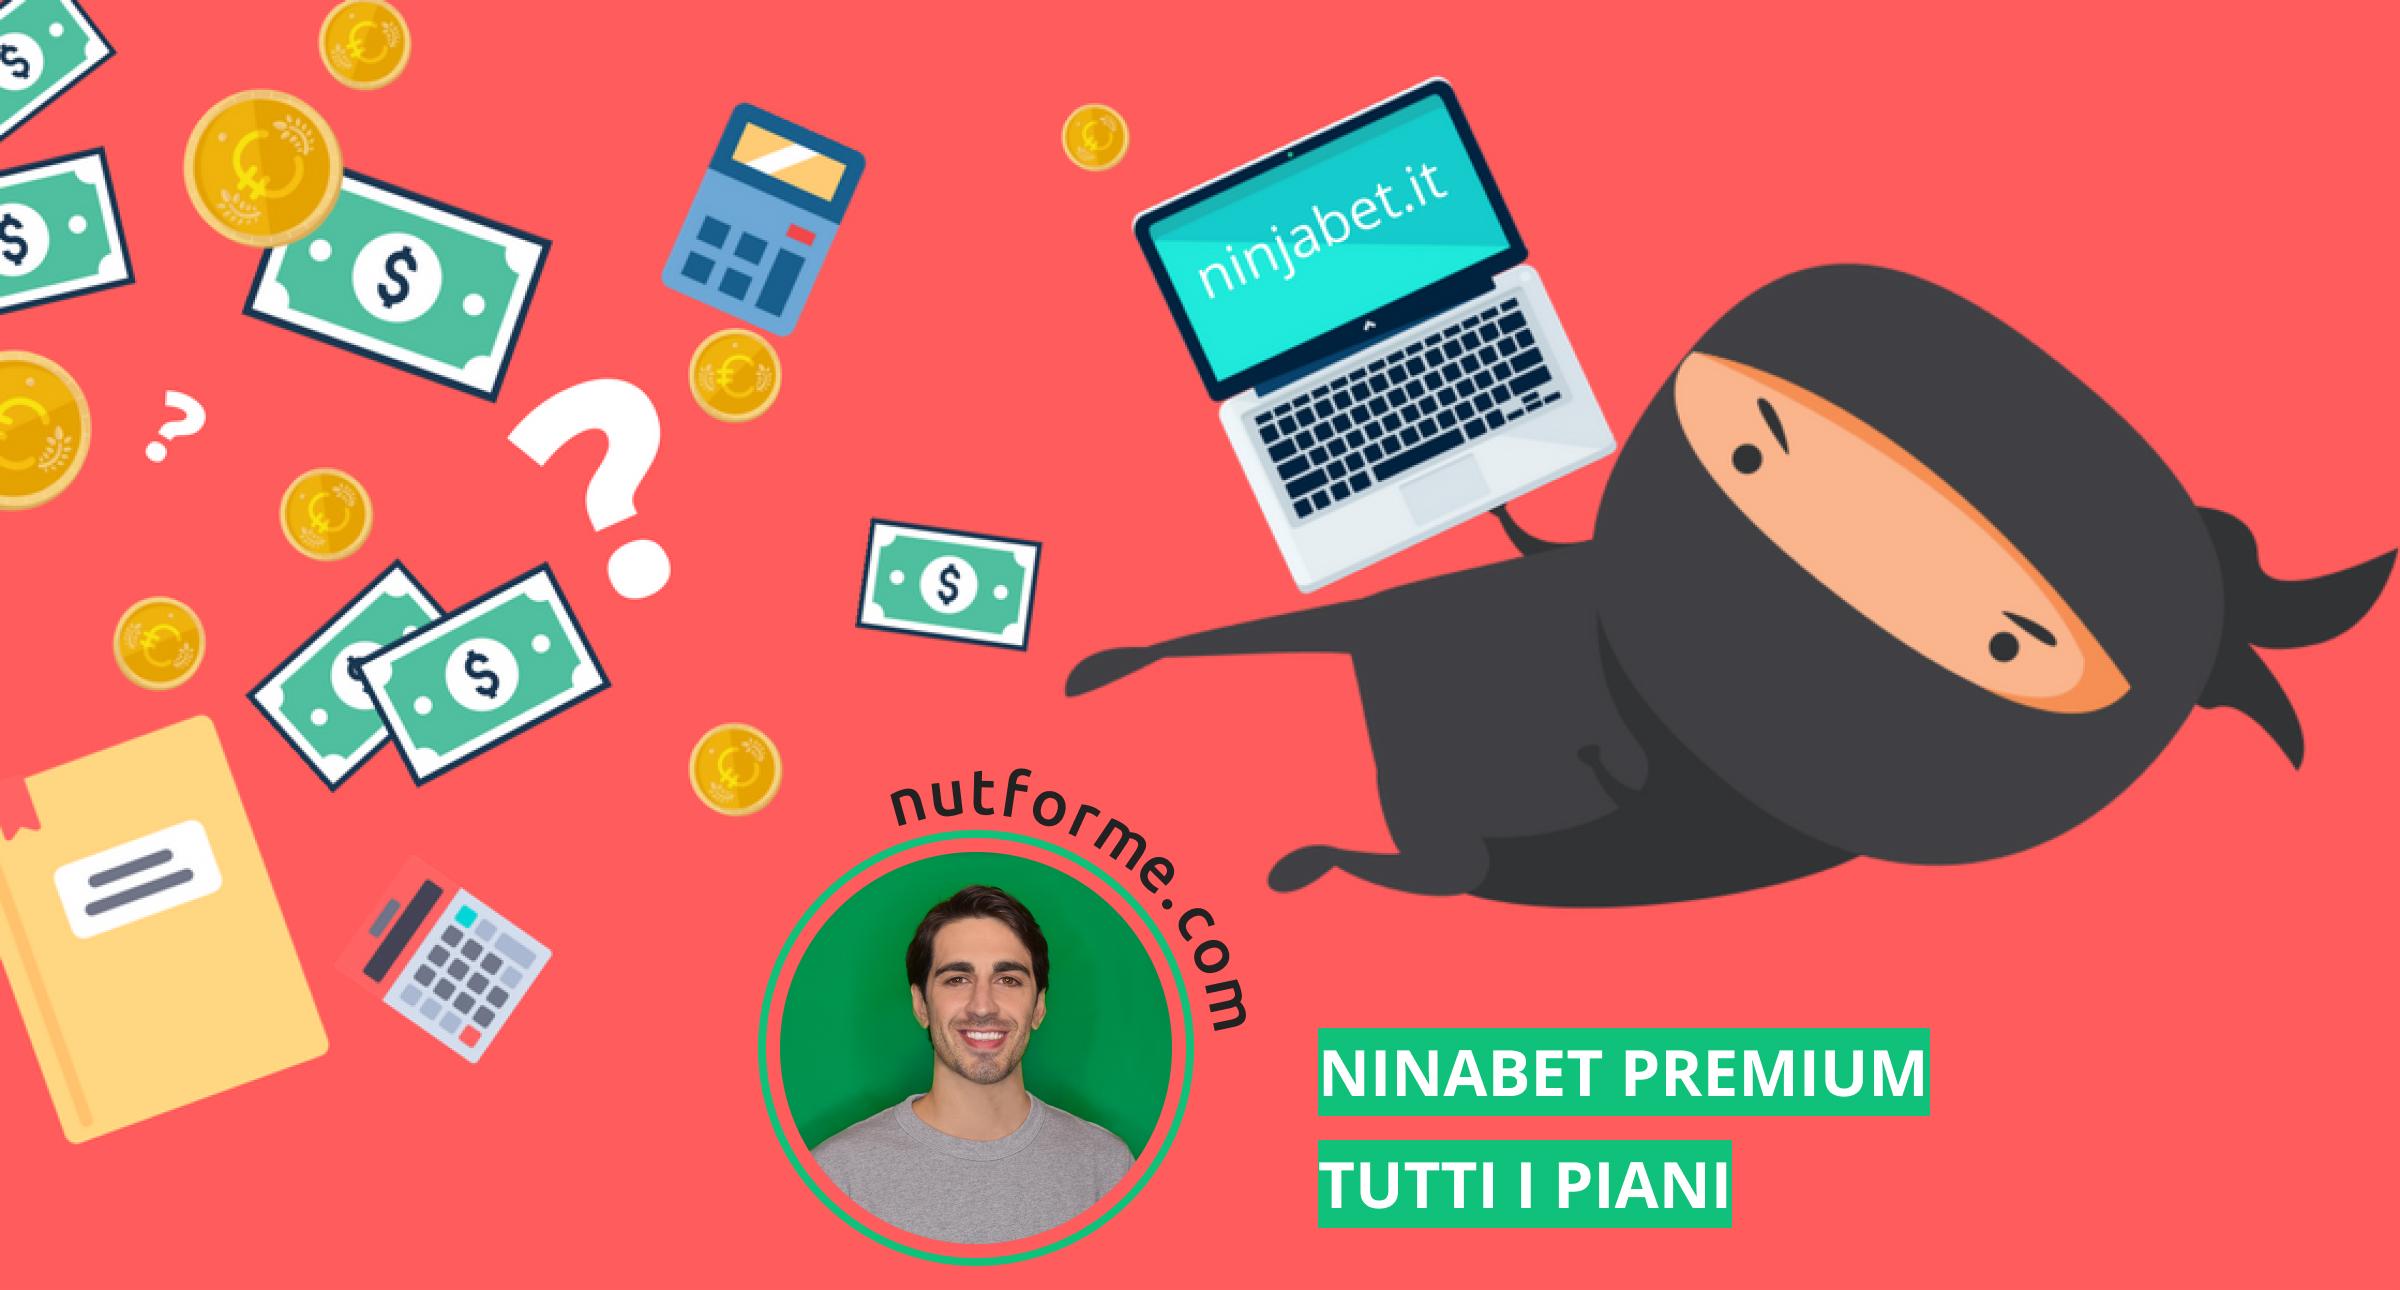 abbonamenti ninjabet e come disiscriversi